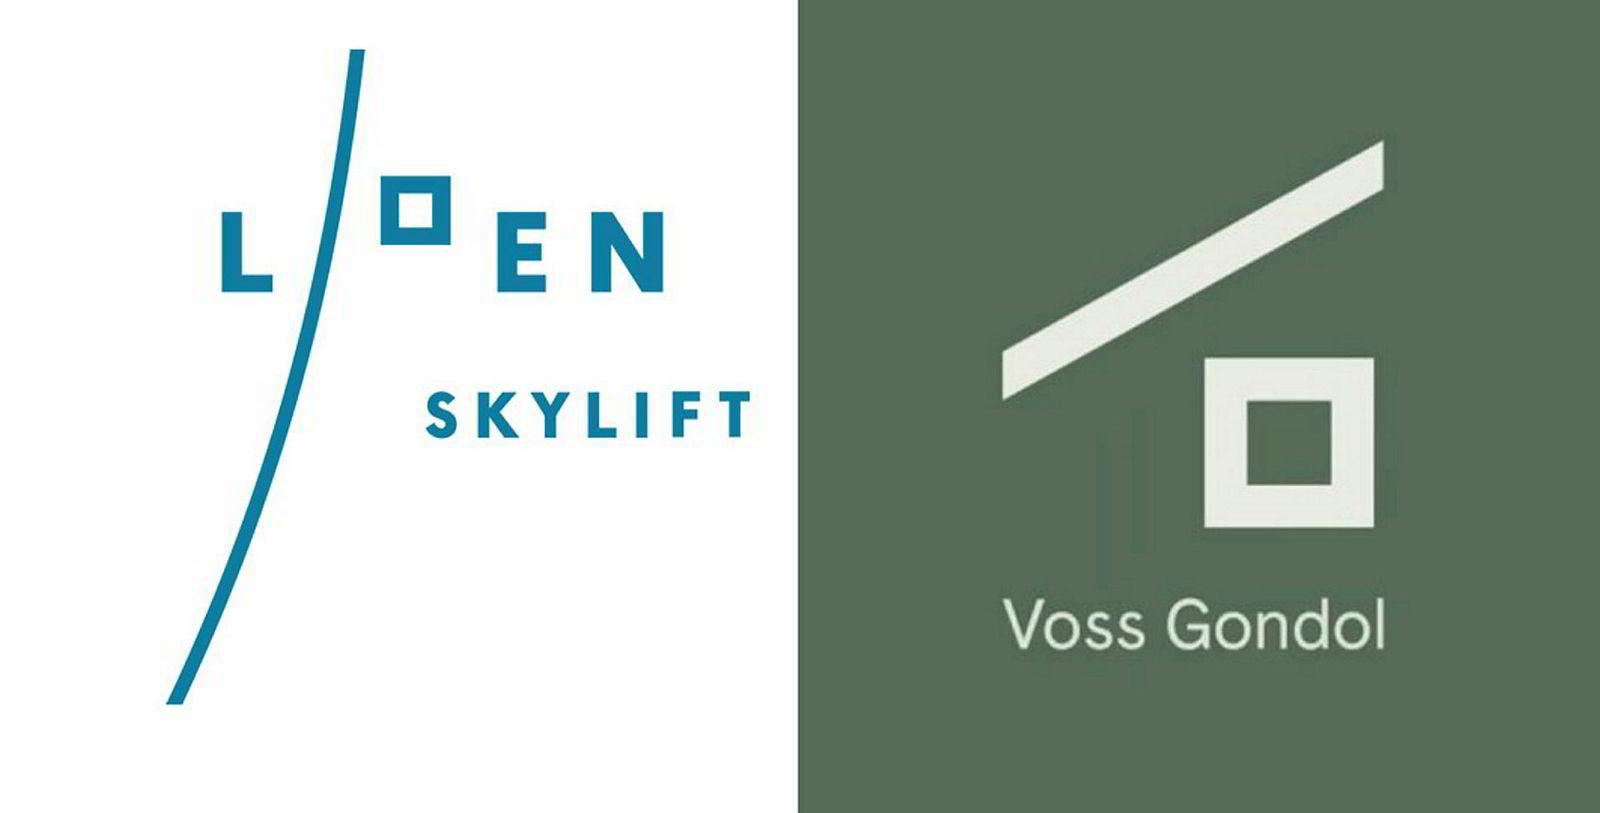 De to logoene det strides om, som man finner i henholdsvis Loen og på Voss.